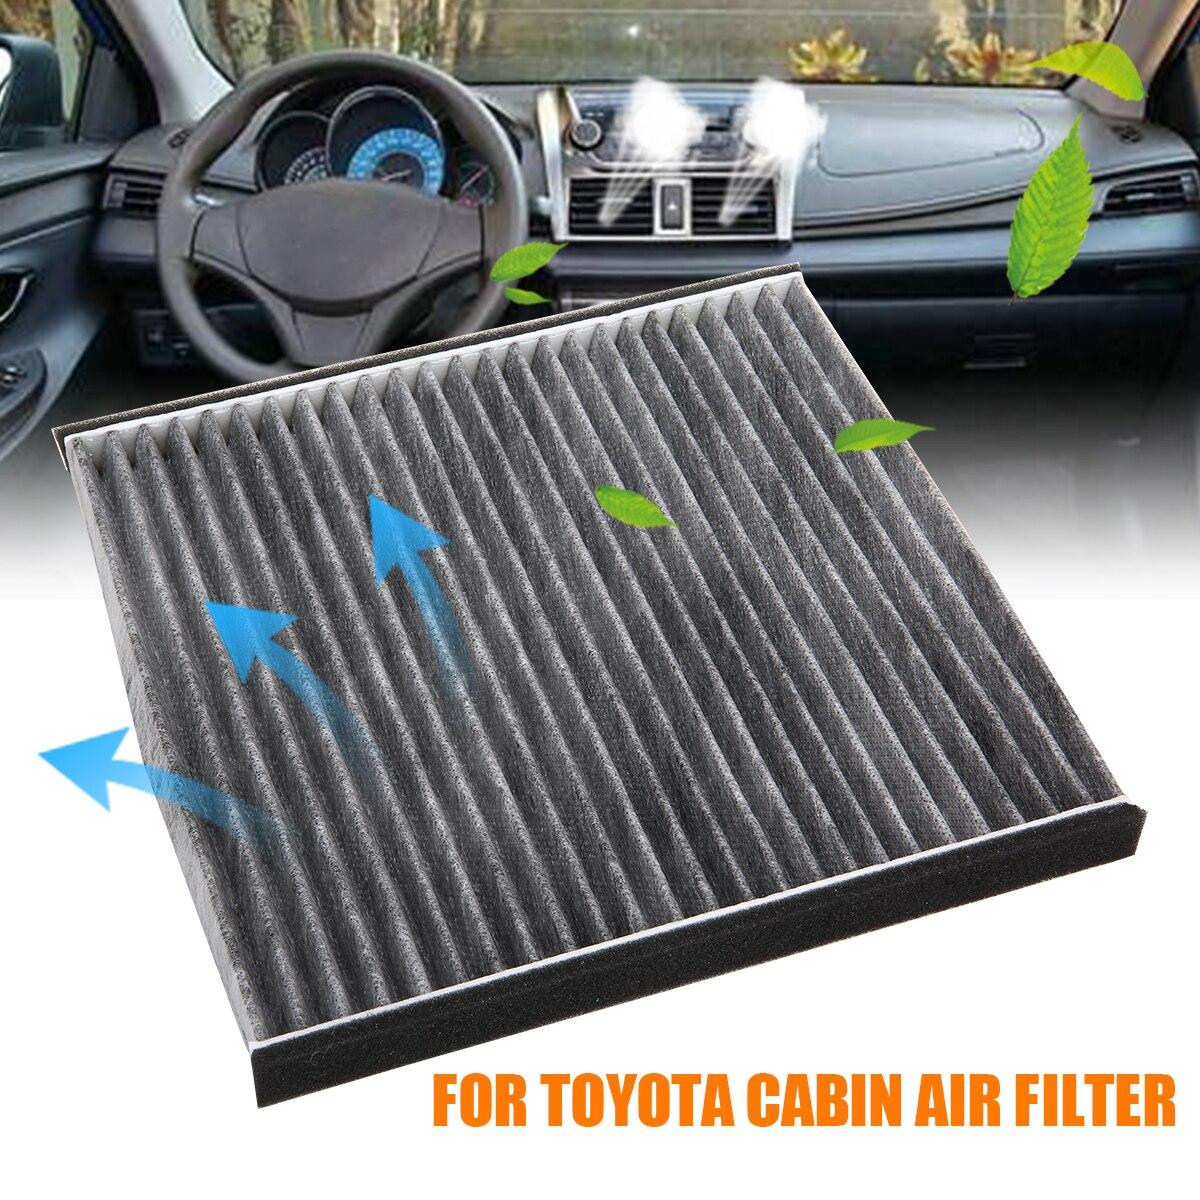 Gut Für Toyota 1 Pc Auto Kabine Luftfilter Vlies 87139-33010 Unterstützung 4 Runner Avalon Camry Corolla Cruiser Rabatte Verkauf